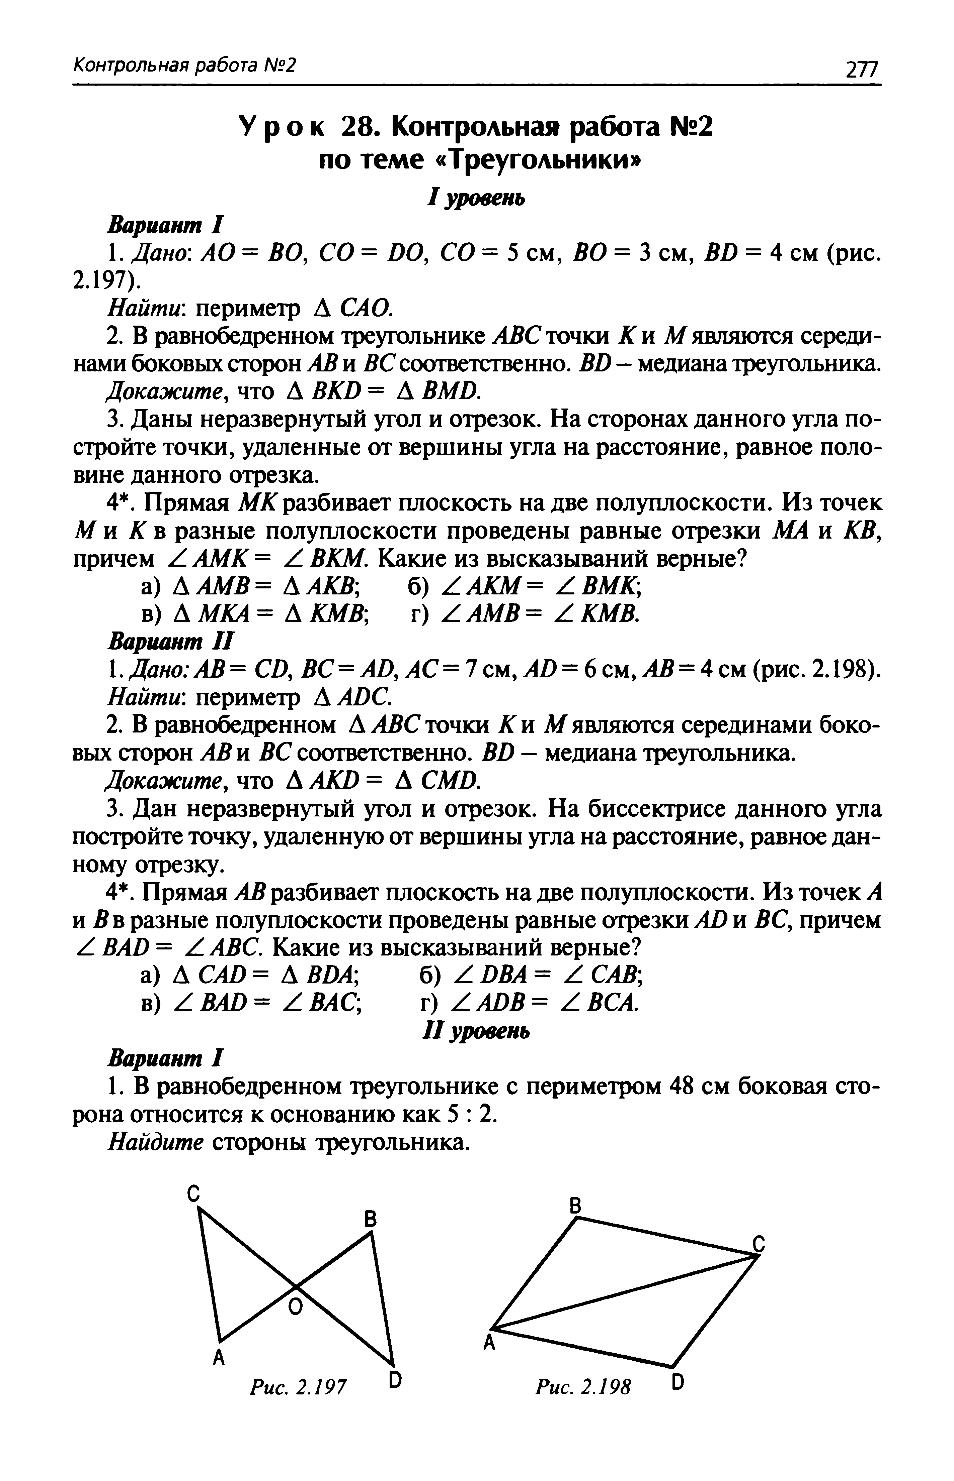 Проверочная работа по математике 5 класс за первое полугодие по фгос